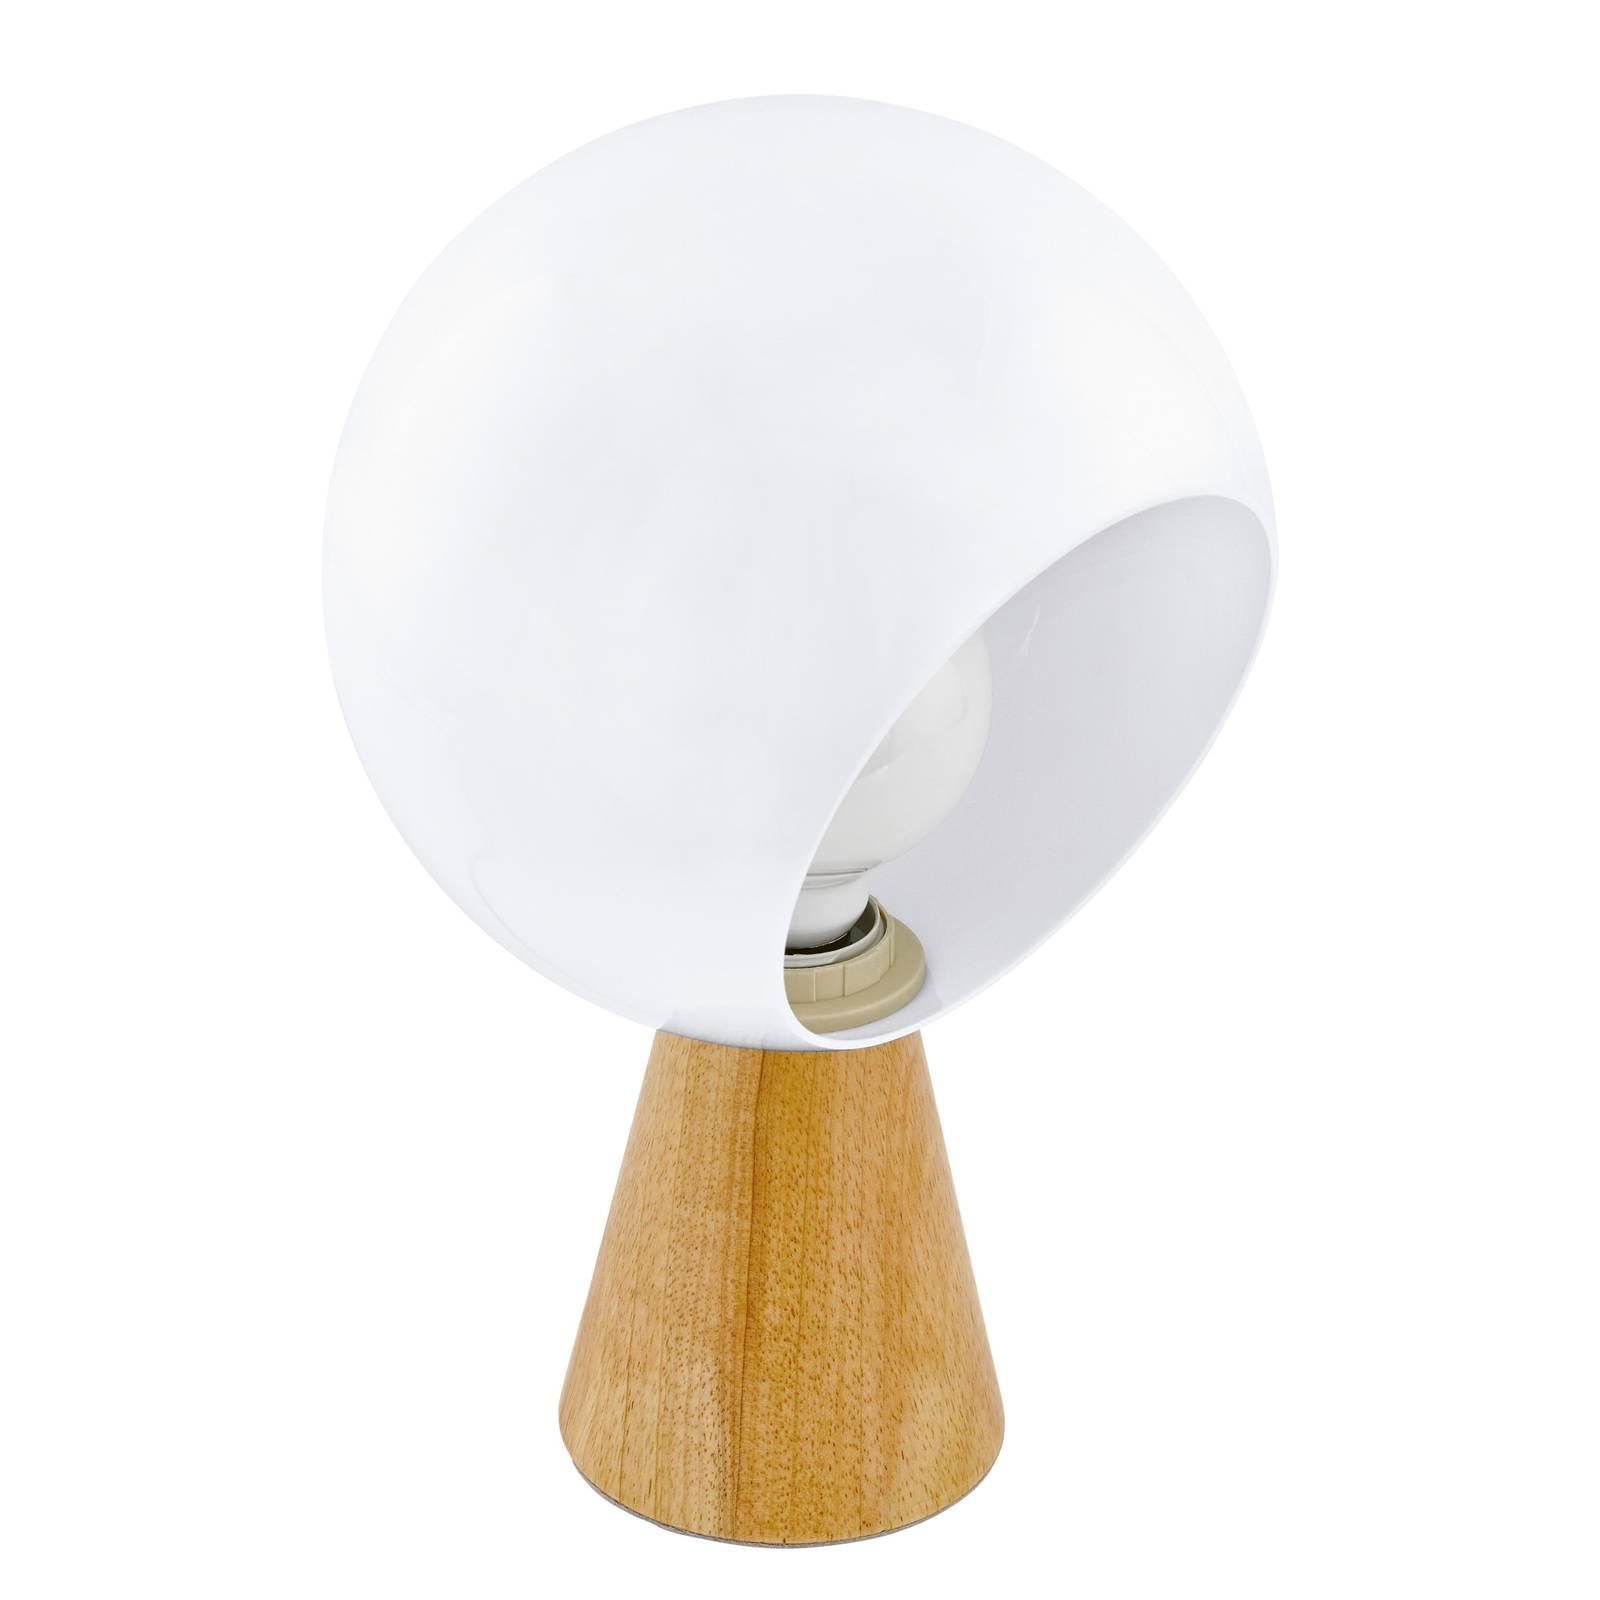 Pöytälamppu Mamblas, puinen jalka, pallovarjostin